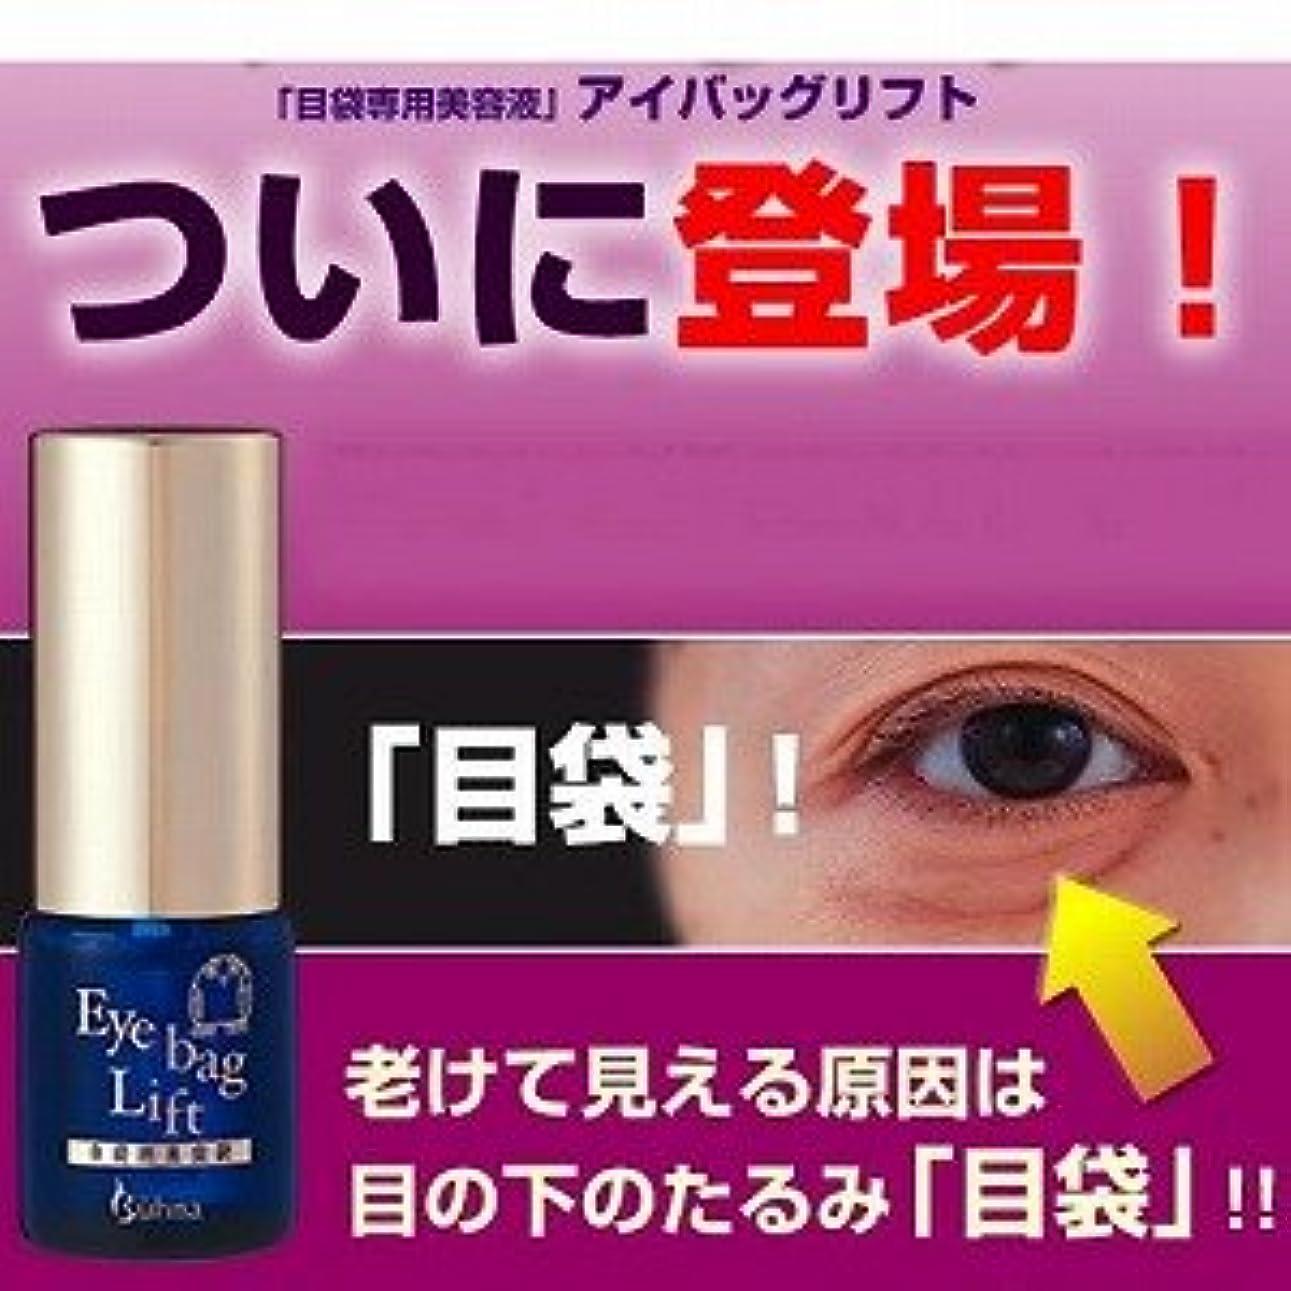 歌う反論者思われる老けて見える原因は、目元、目の下のたるみ「目袋」『目袋専用美容液 アイバッグリフト』